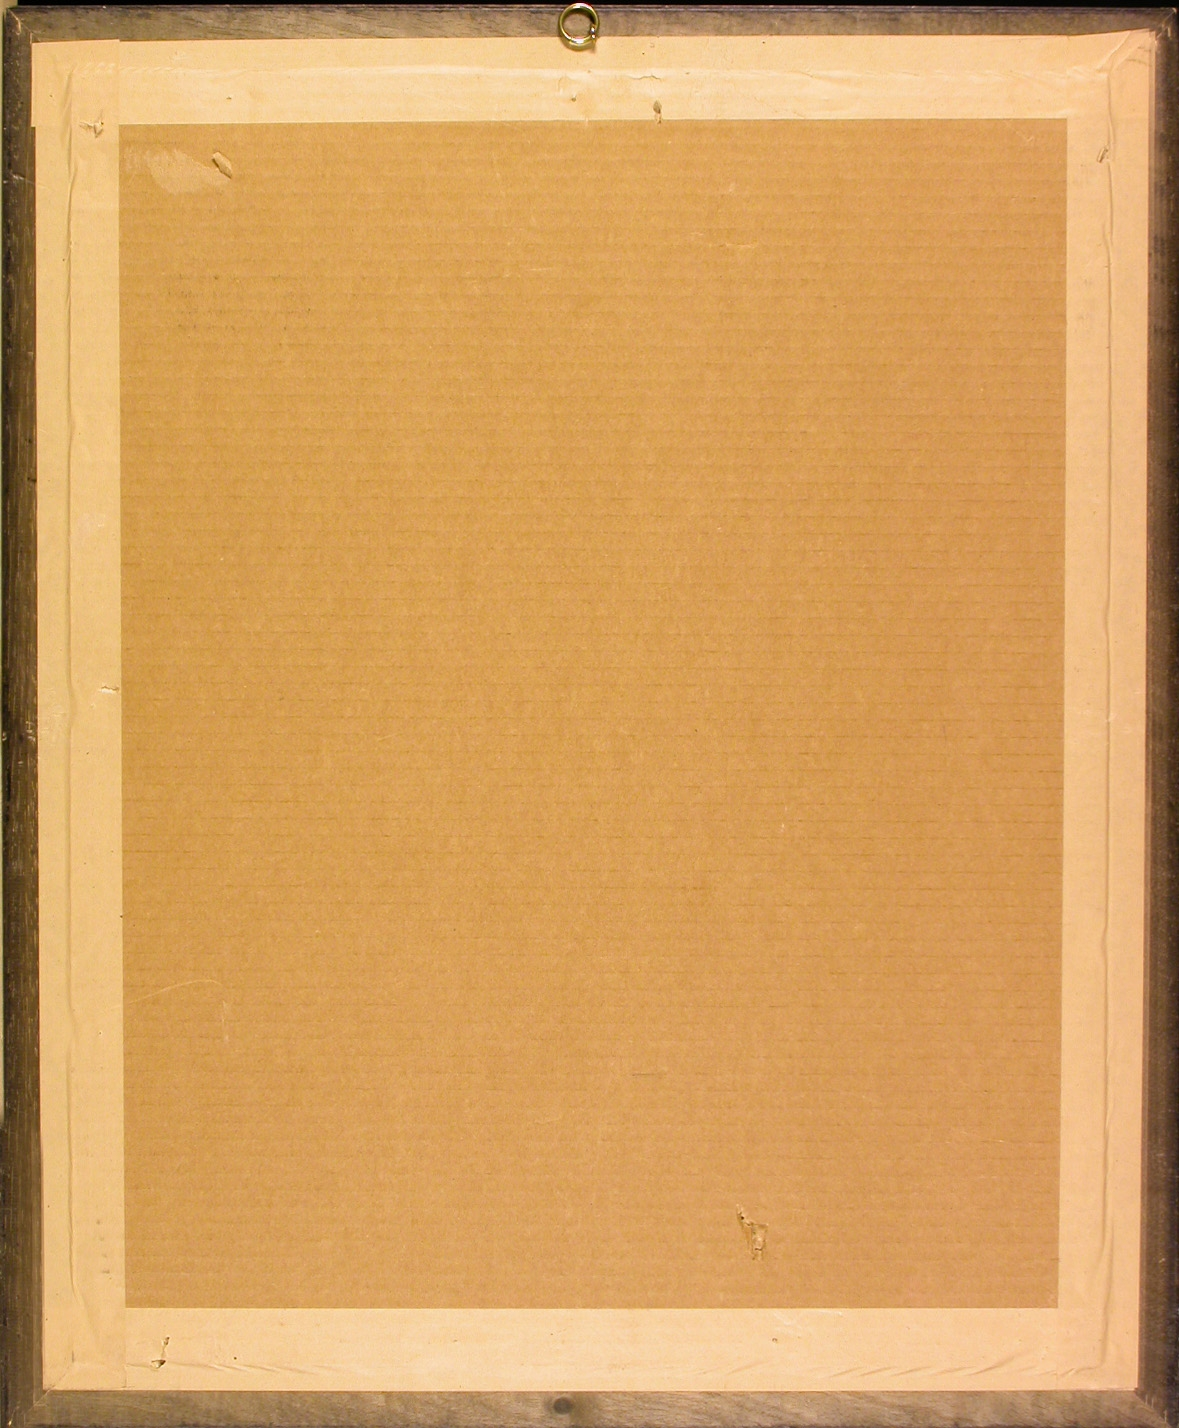 DSCN0021.JPG (1179×1428)